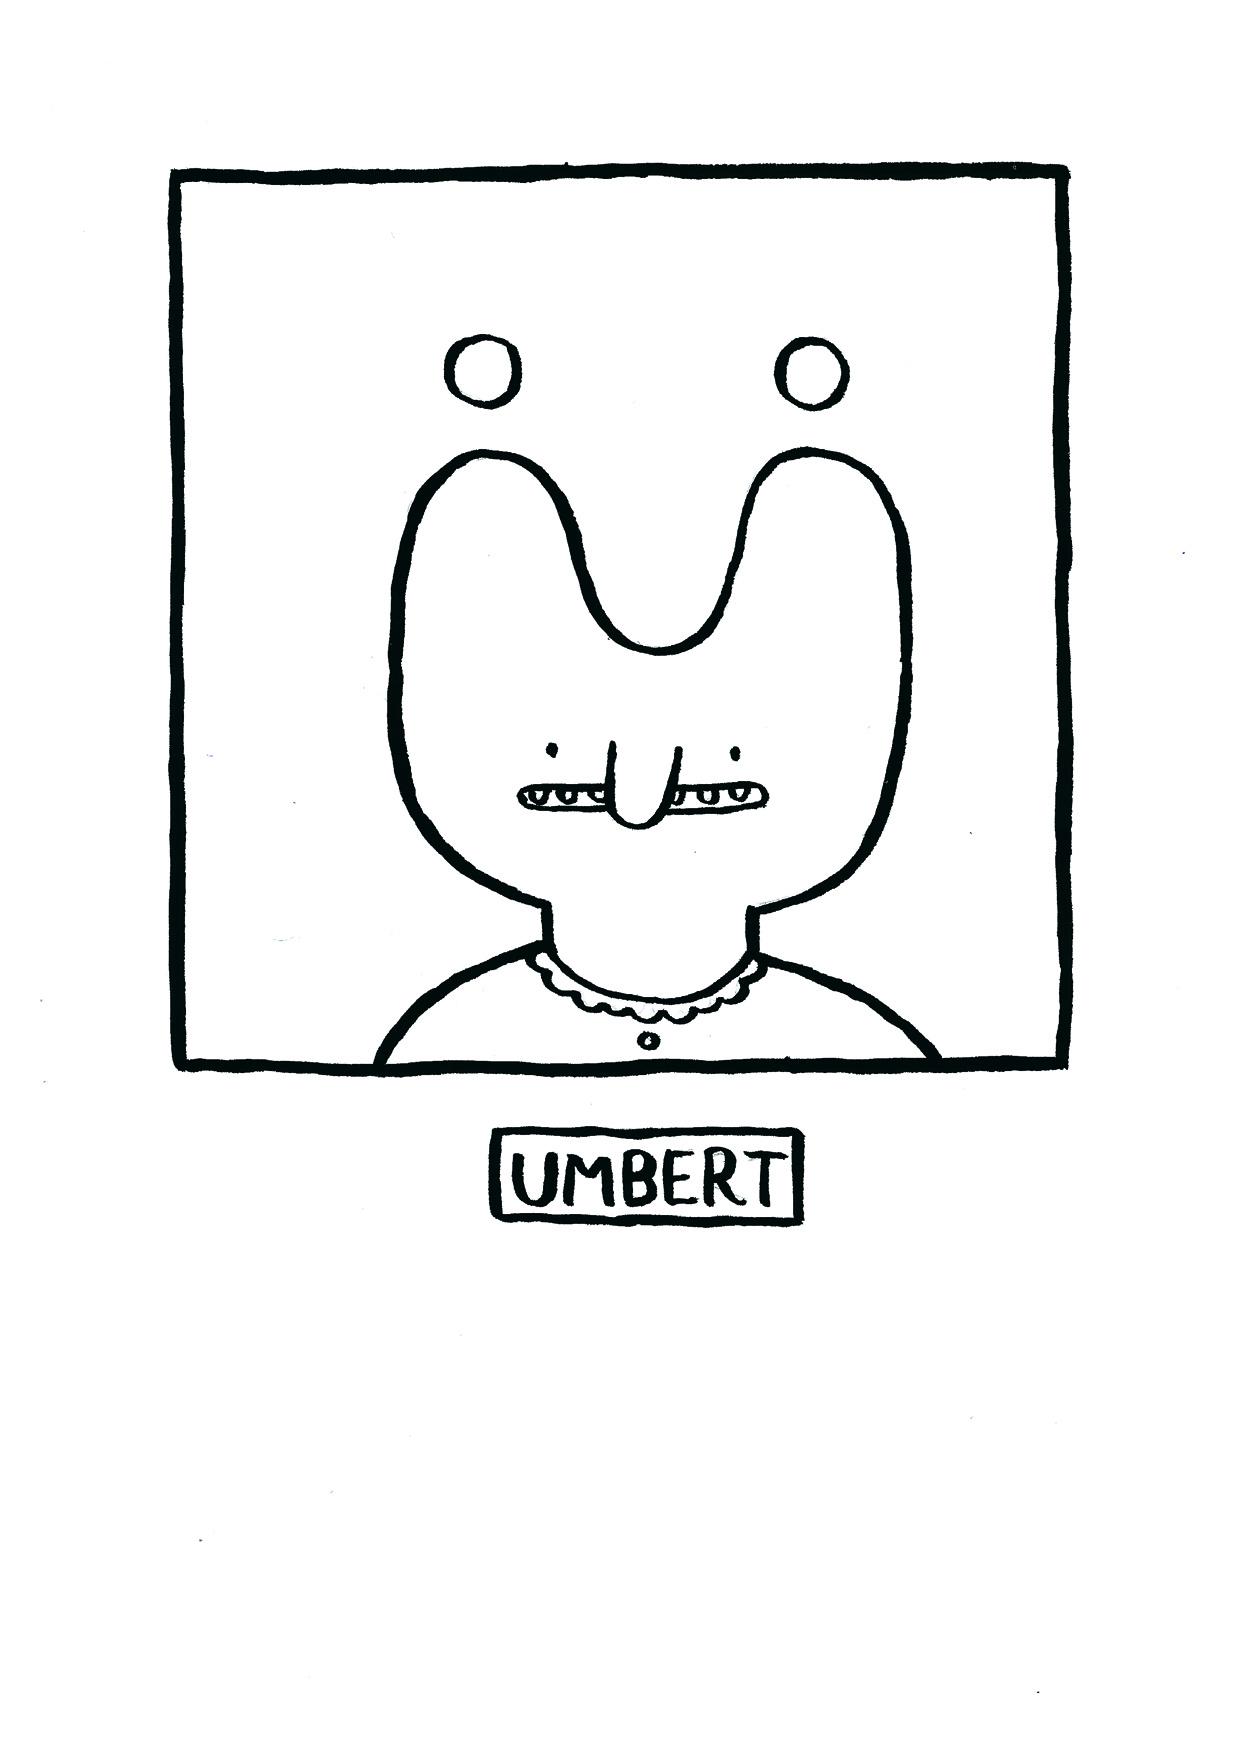 Umbert